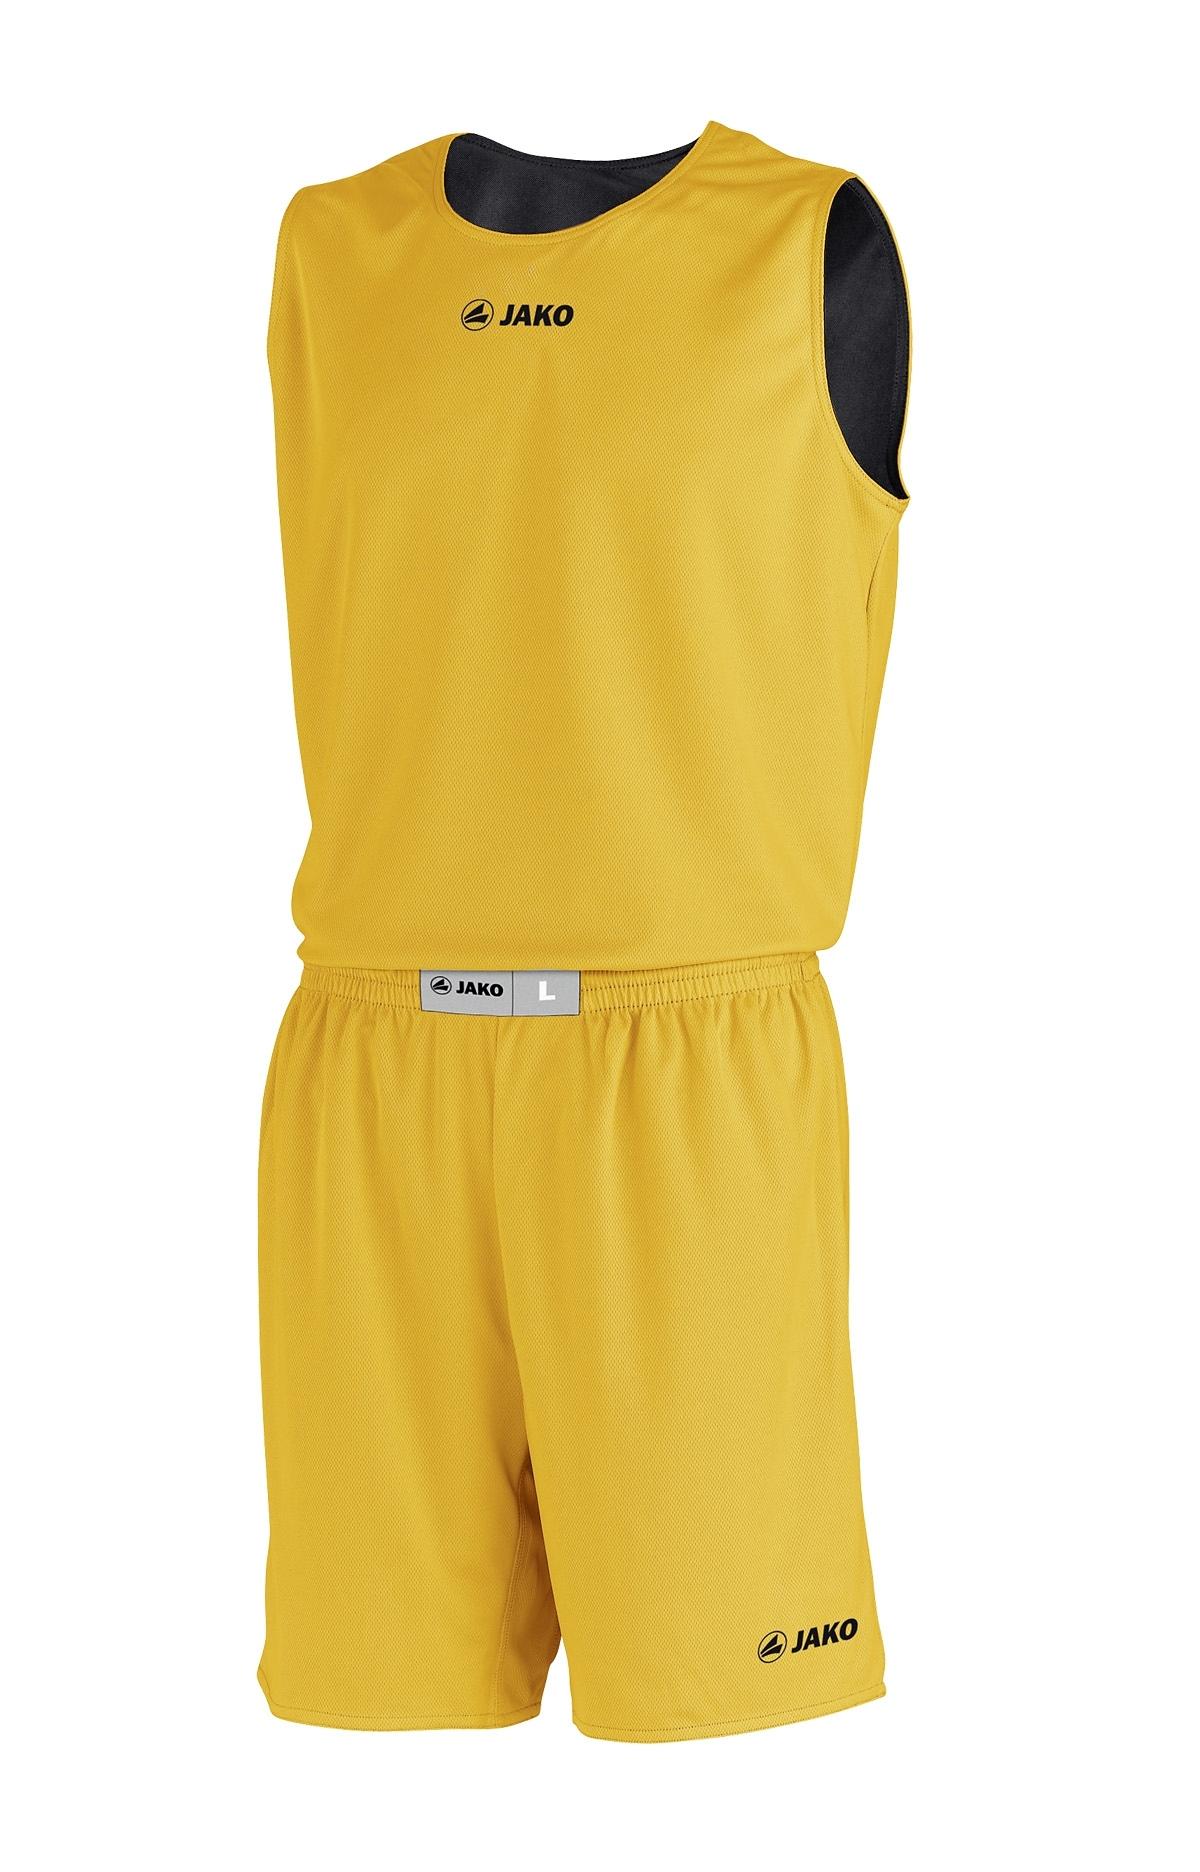 Jako Basketbal Reversible Shirt Change (heren) nu online kopen bij OTTO